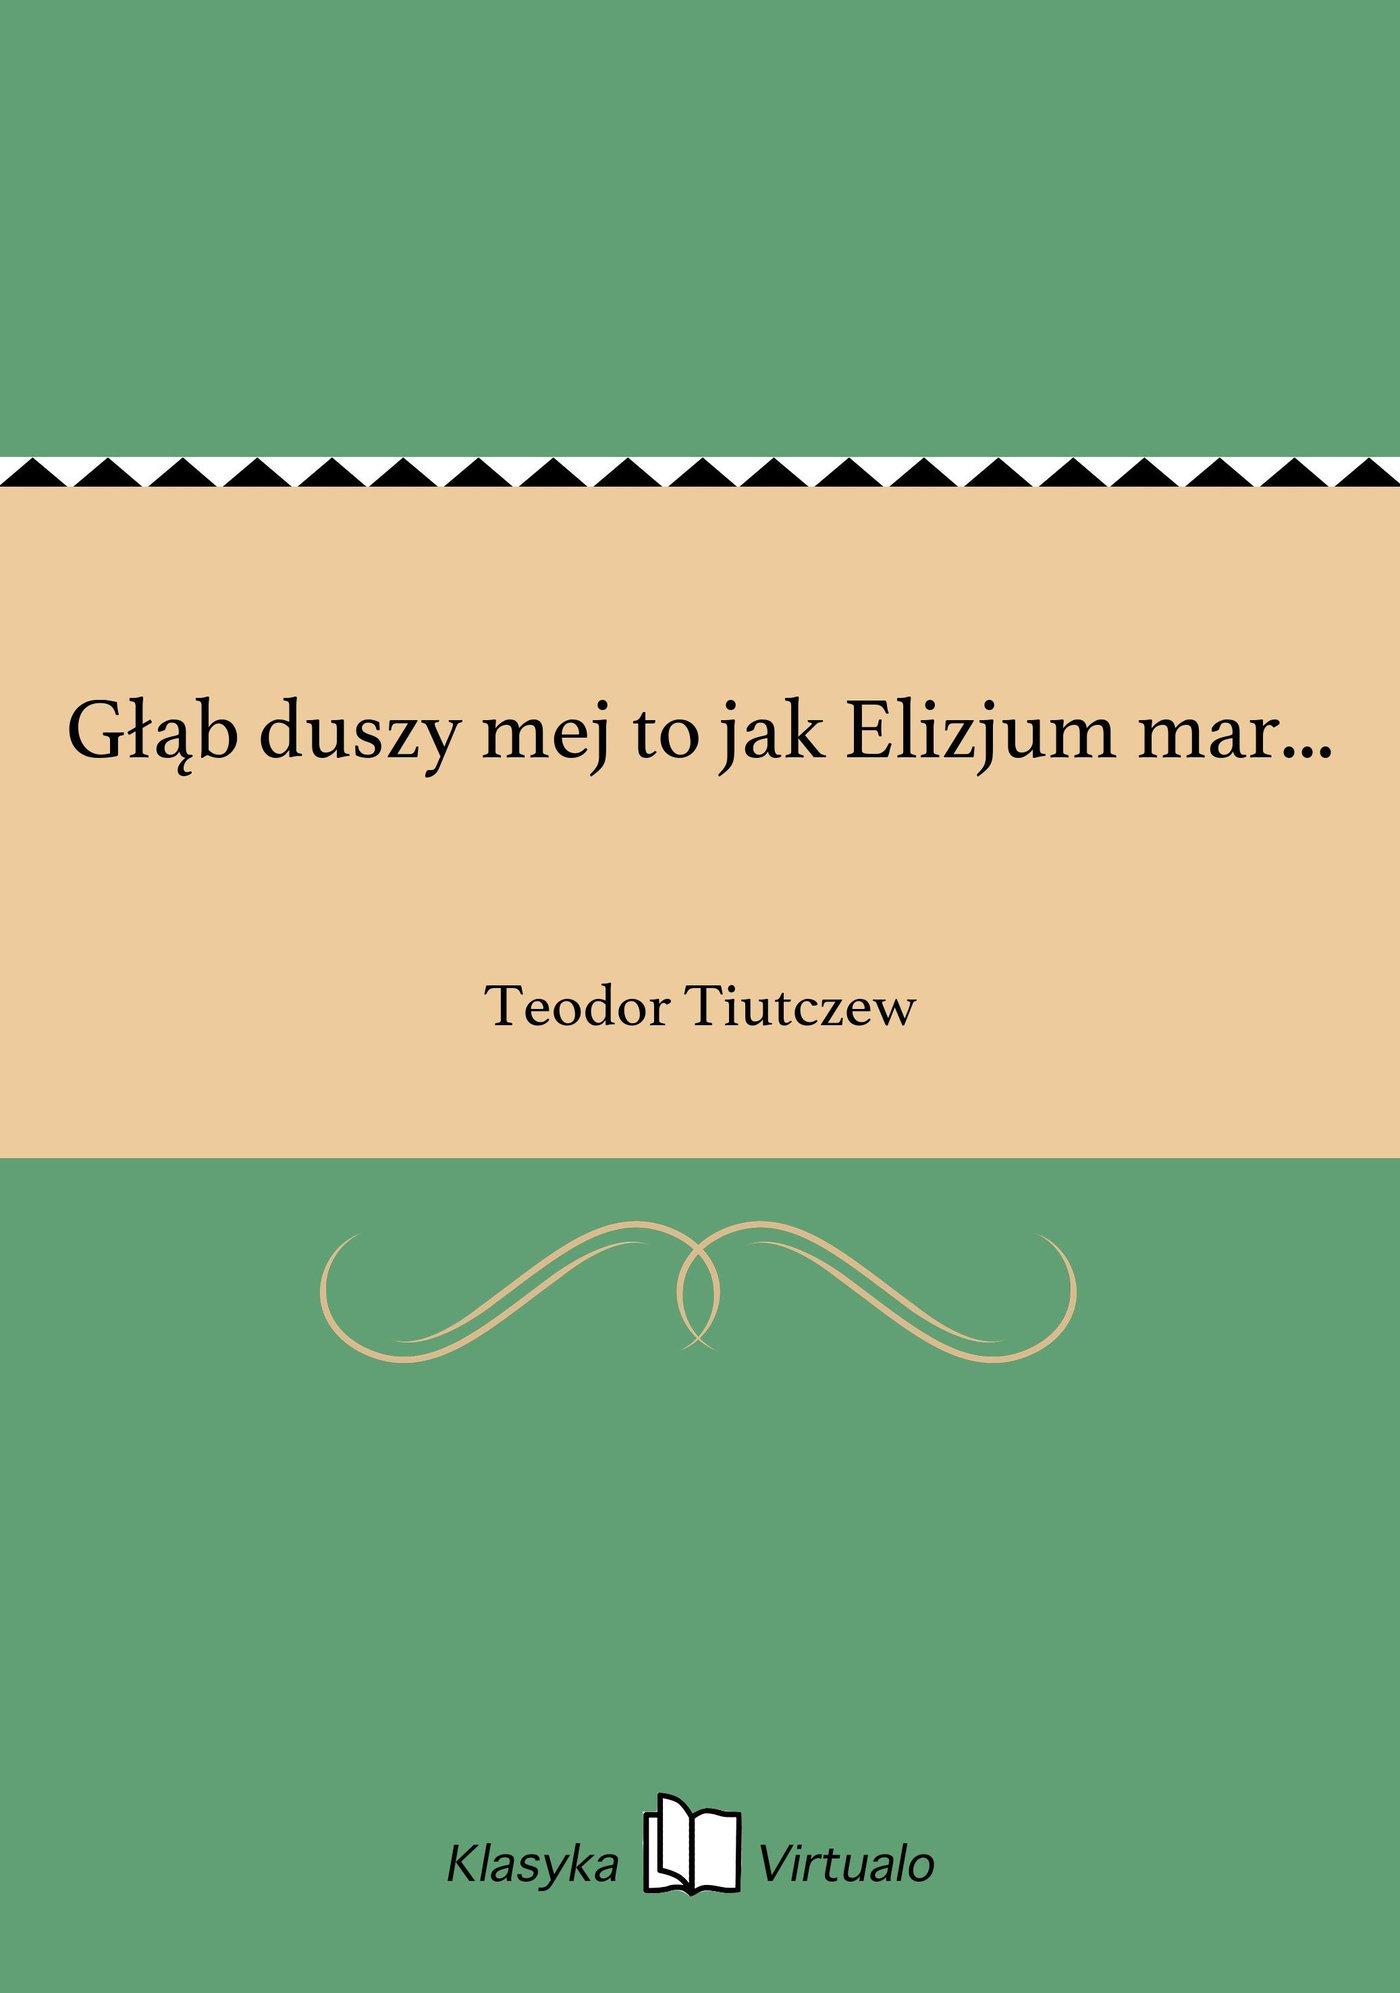 Głąb duszy mej to jak Elizjum mar... - Ebook (Książka EPUB) do pobrania w formacie EPUB